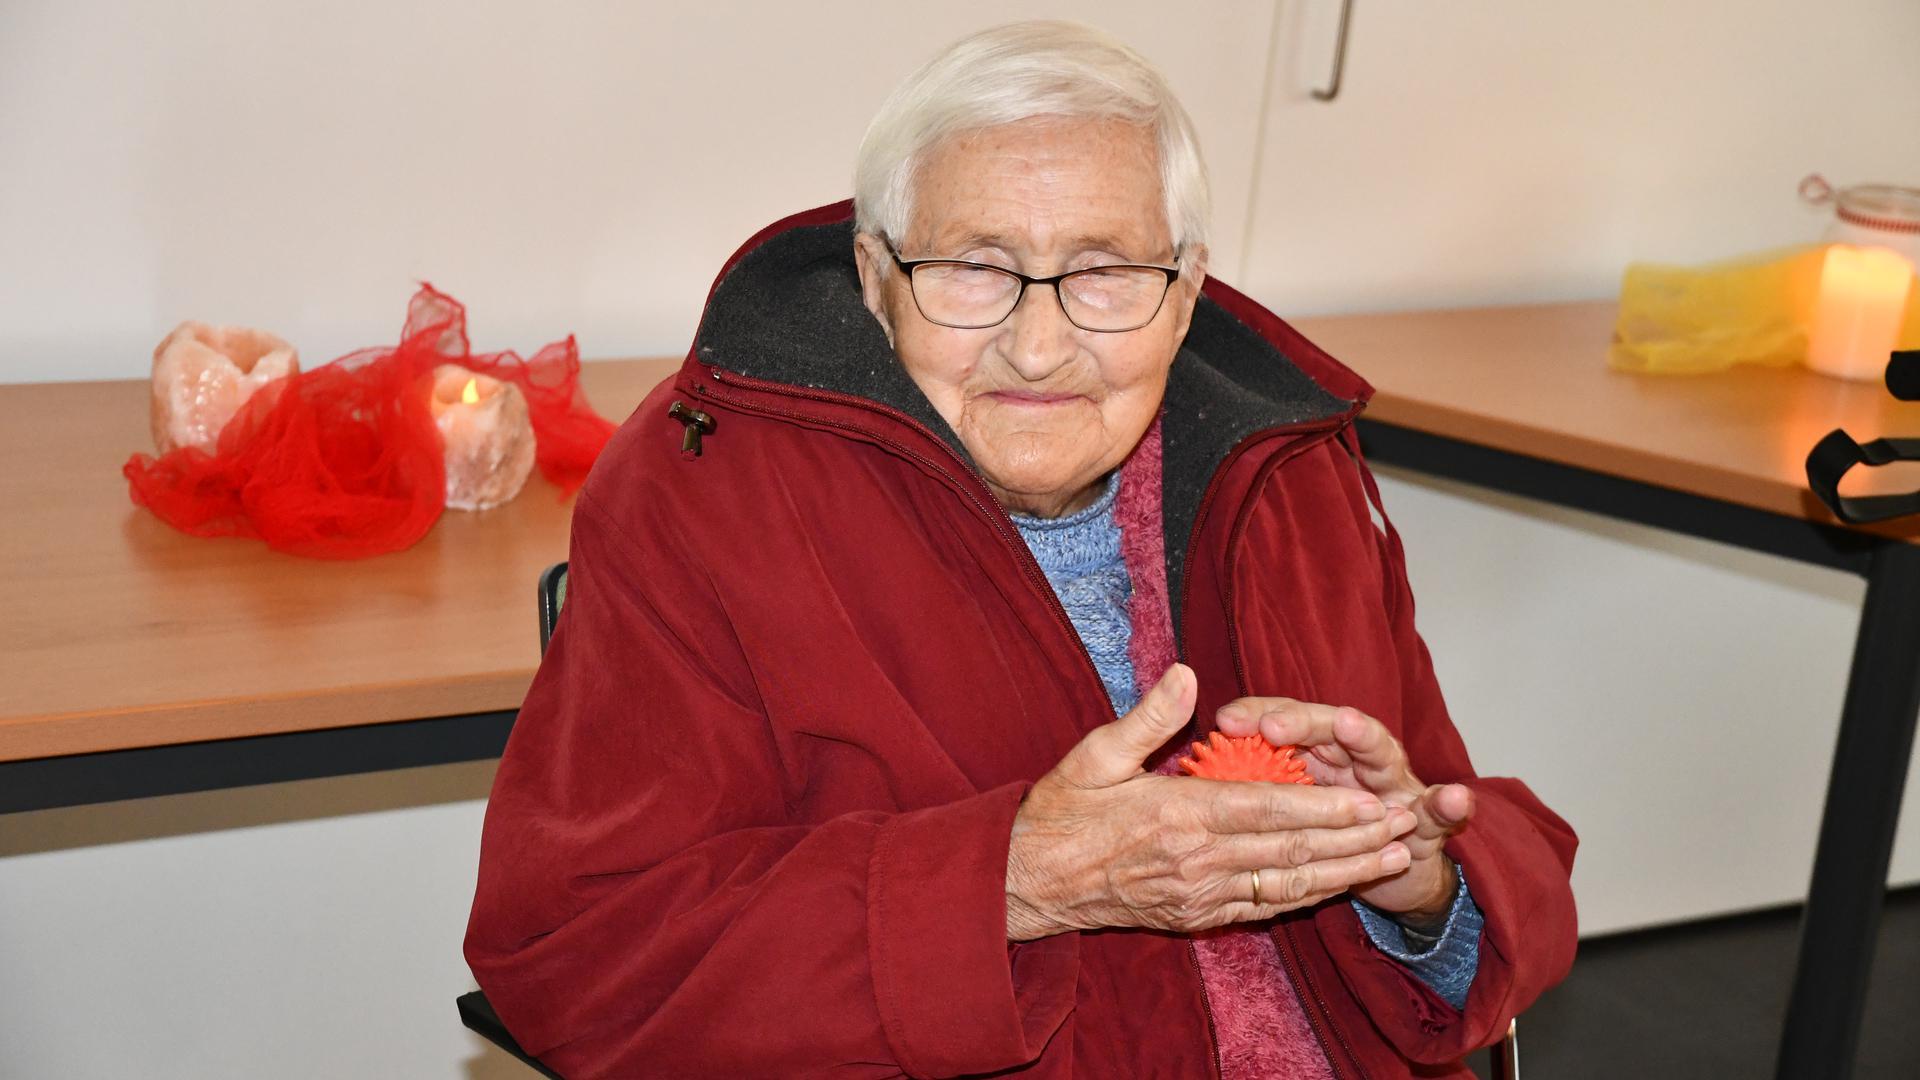 Die 90-jährige Gerda Seith sitzt auf einem Stuhl und rollt einen Noppenball in den Händen.